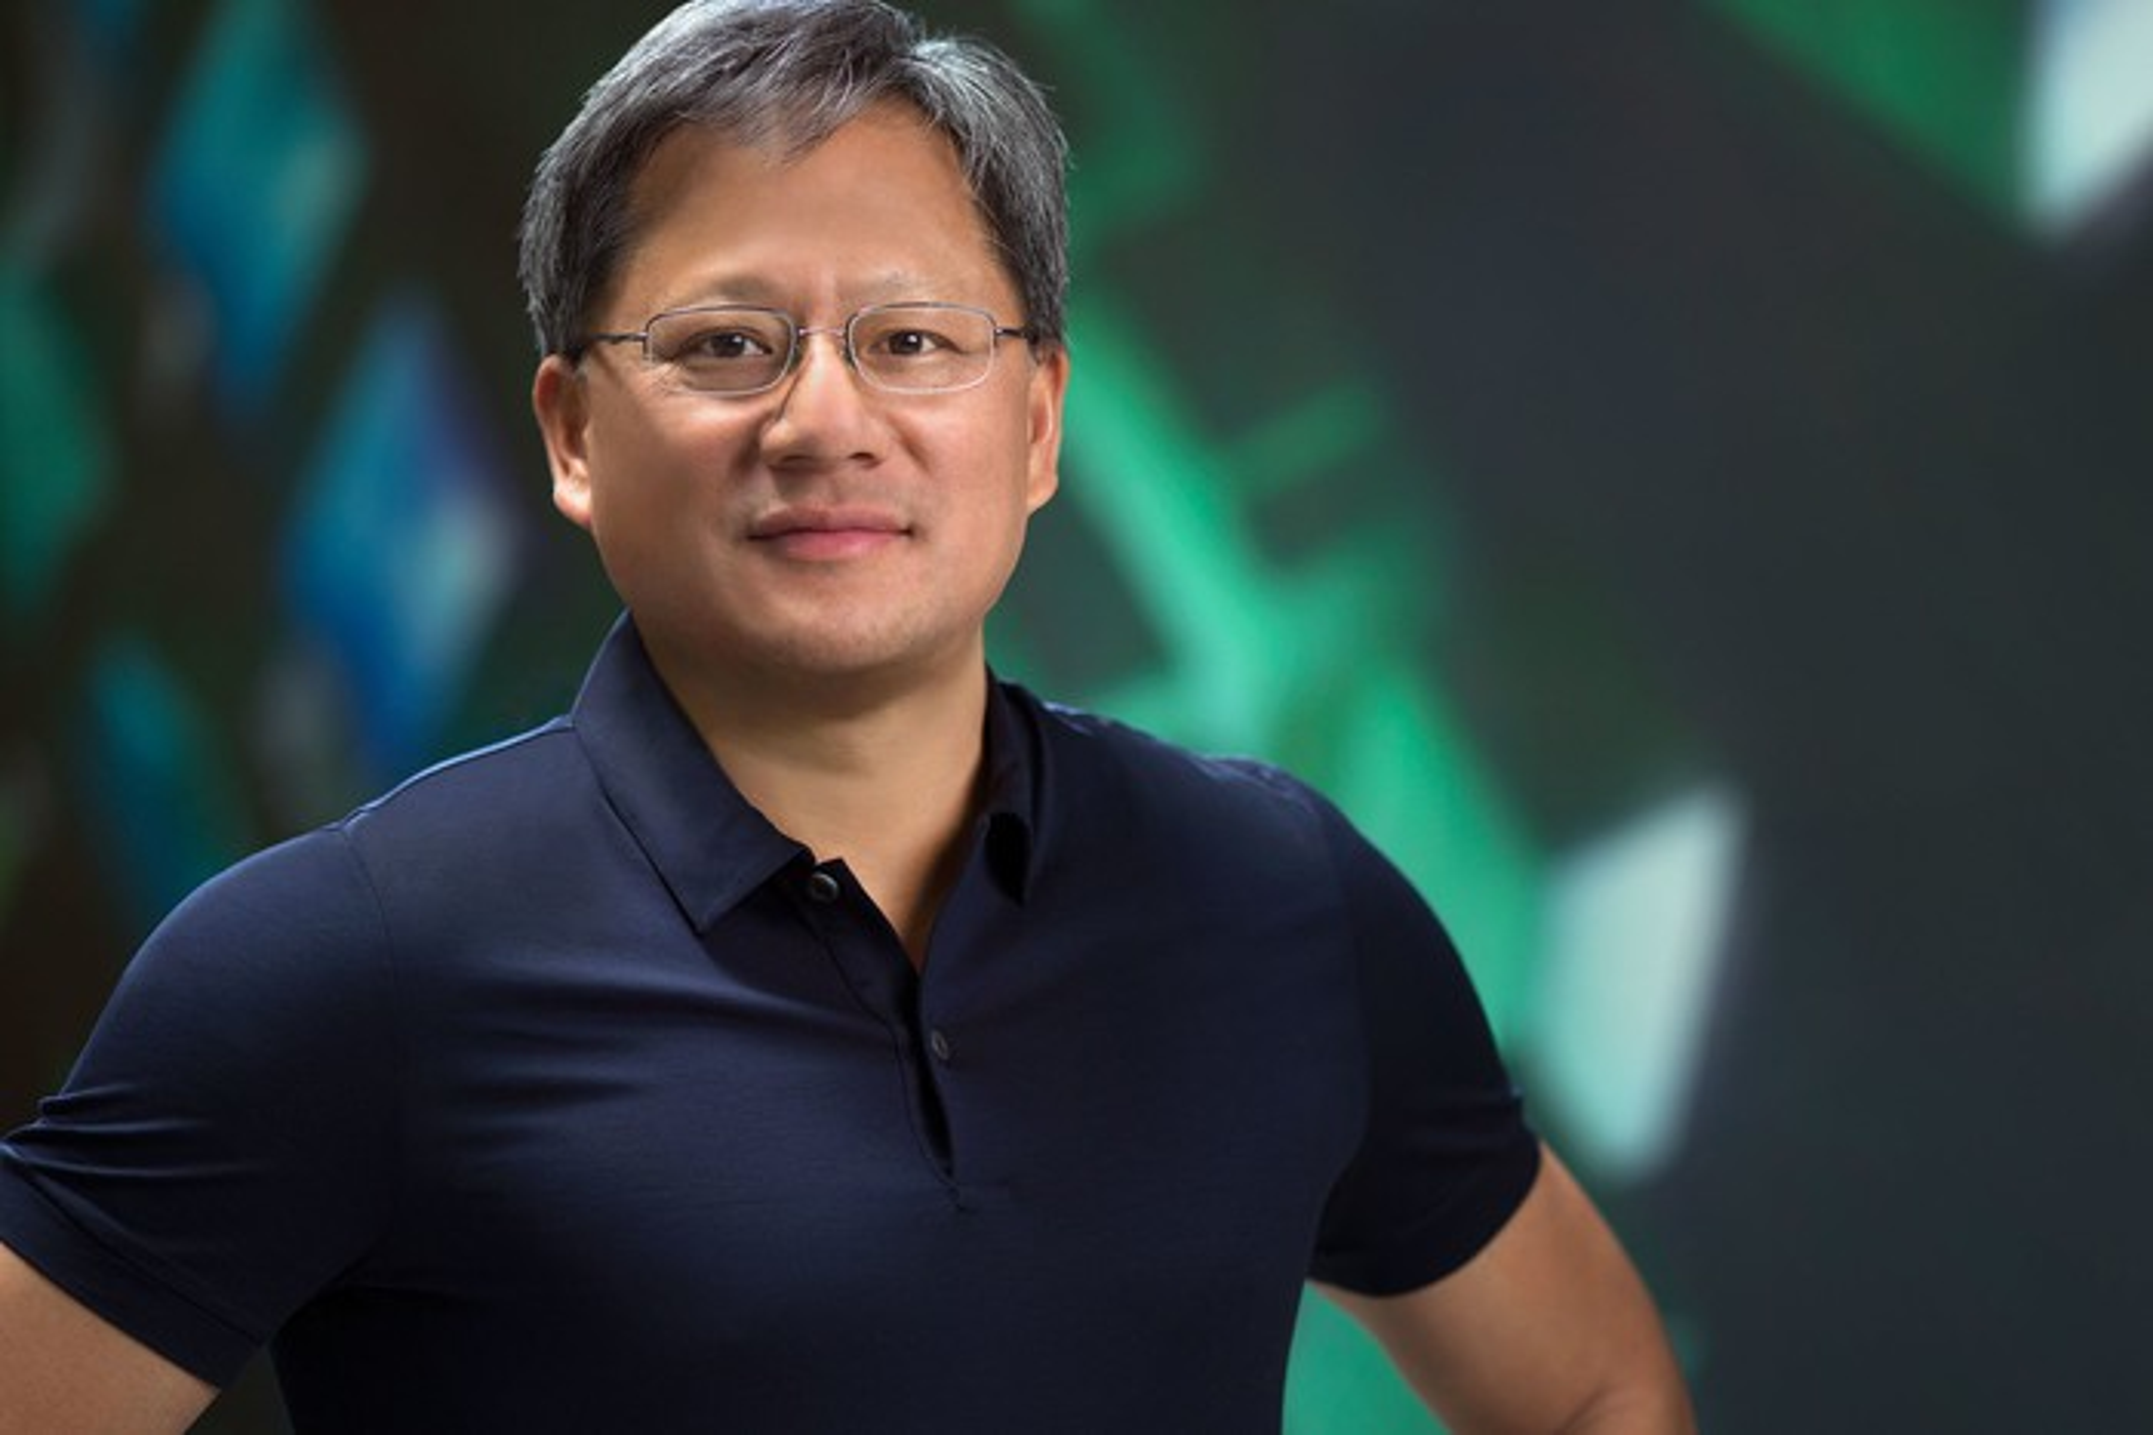 NVIDIA CEO Jen-Hsun Huang.